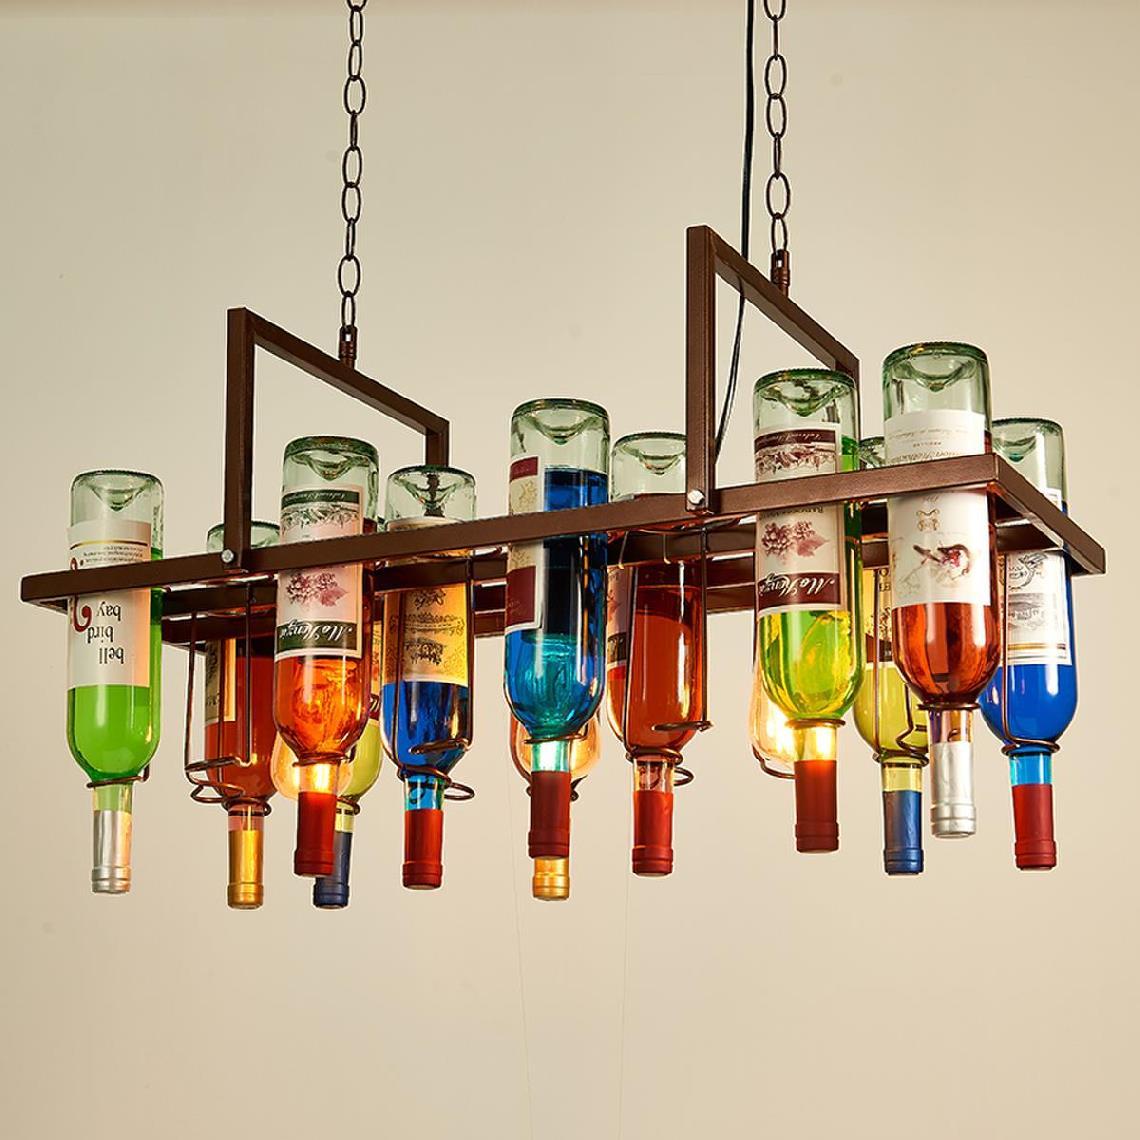 Kunst Luxus Hotel der Neue Bar Lampe Dekoration Bier Flasche Dekorative Restaurant Hairdry Haus Lampen Esszimmer Lichter